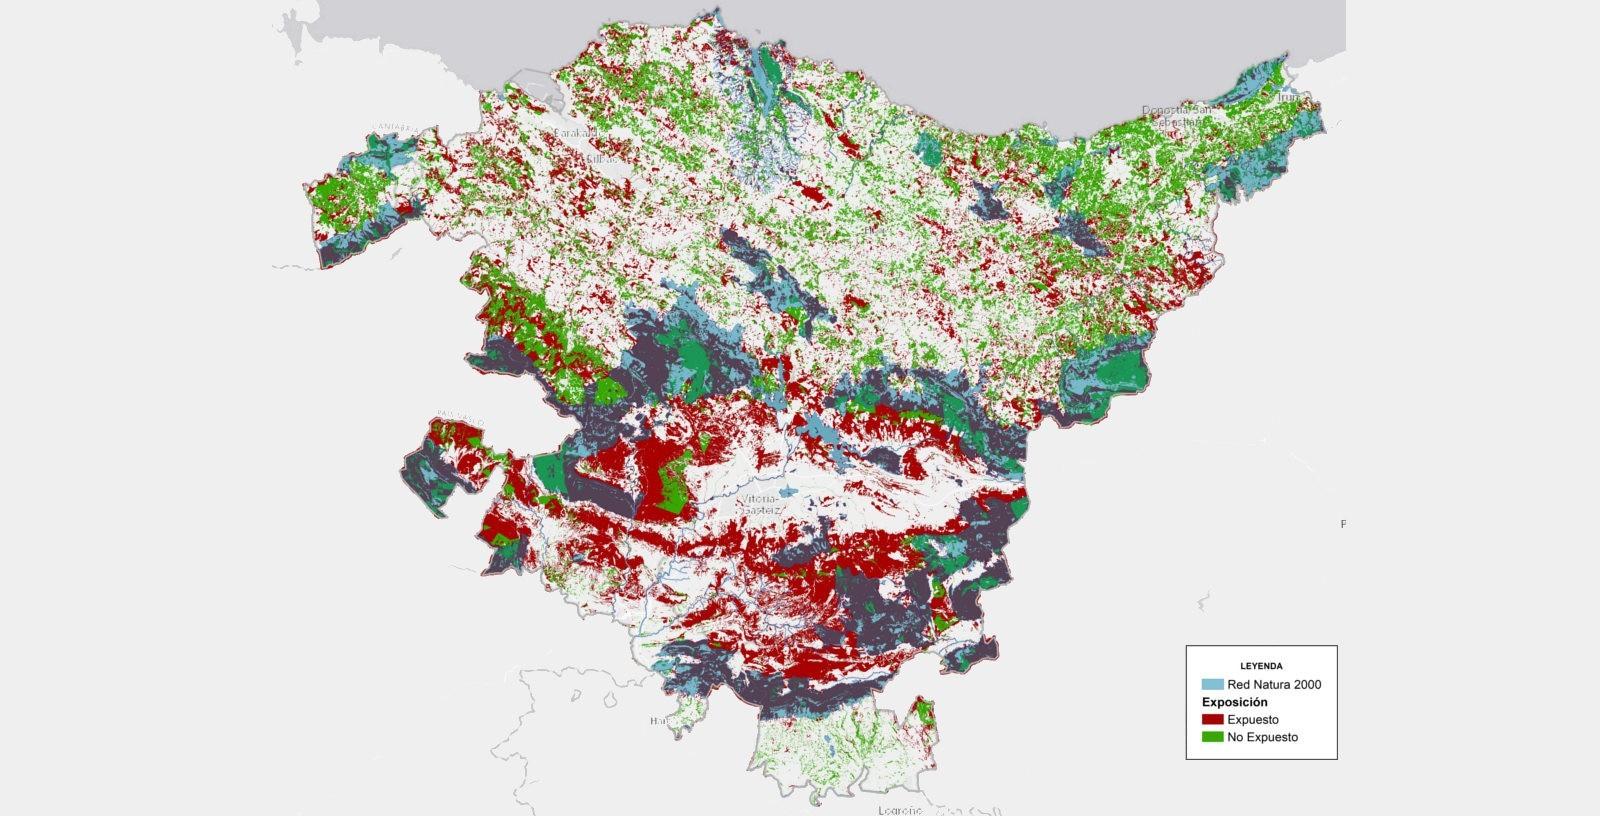 Red Natura 2000_España_IHOBE_IDOM_2